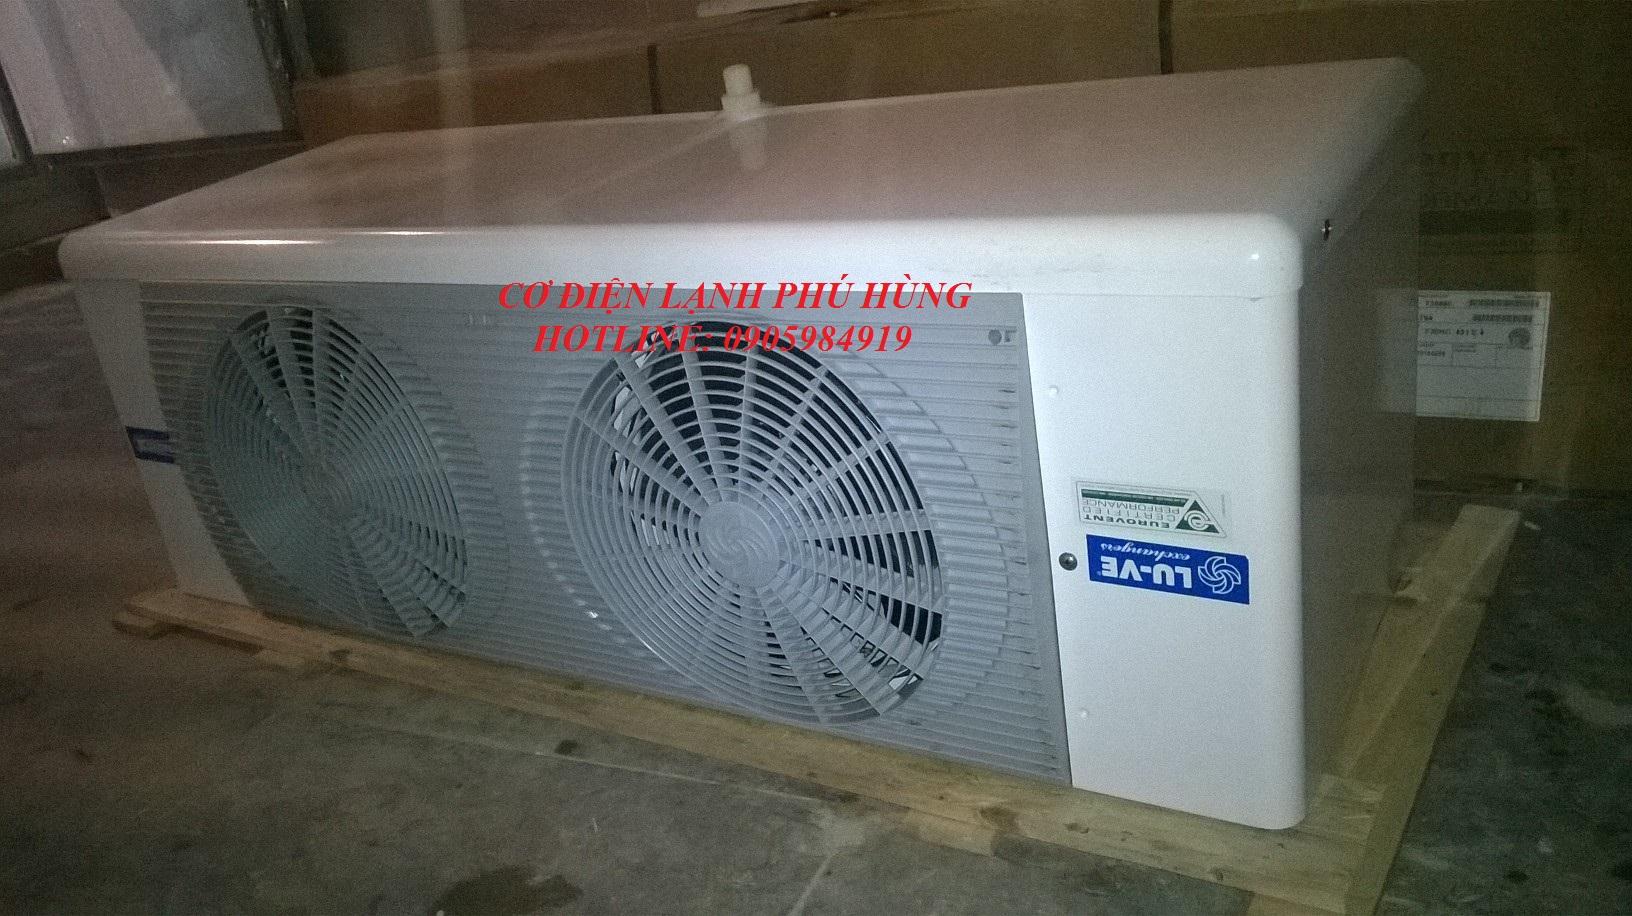 Dàn lạnh công nghiệp Đà Nẵng 1A